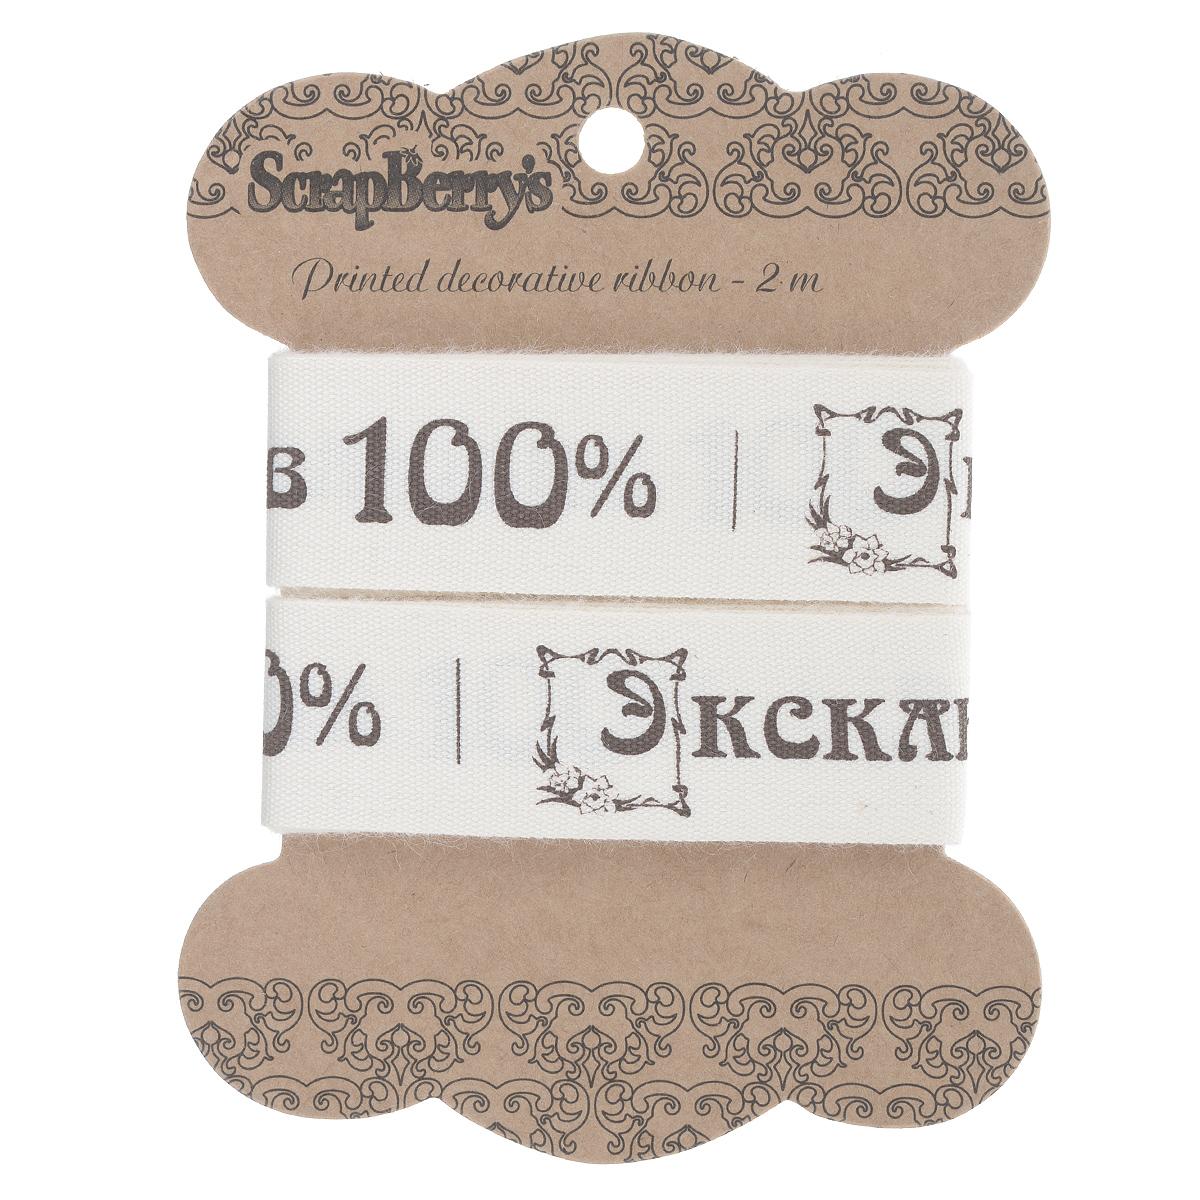 Лента декоративная ScrapBerrys Exclusive, цвет: бежевый, коричневый, 2 х 200 смK100Декоративная лента ScrapBerrys Exclusive изготовлена из хлопка и оформлена оригинальной надписью. Такая лента идеально подойдет для оформления различных творческих работ таких, как скрапбукинг, аппликация, декор коробок и открыток и многое другое. Лента наивысшего качества практична в использовании. Она станет незаменимым элементом в создании рукотворного шедевра. Ширина: 2 см.Длина: 2 м.